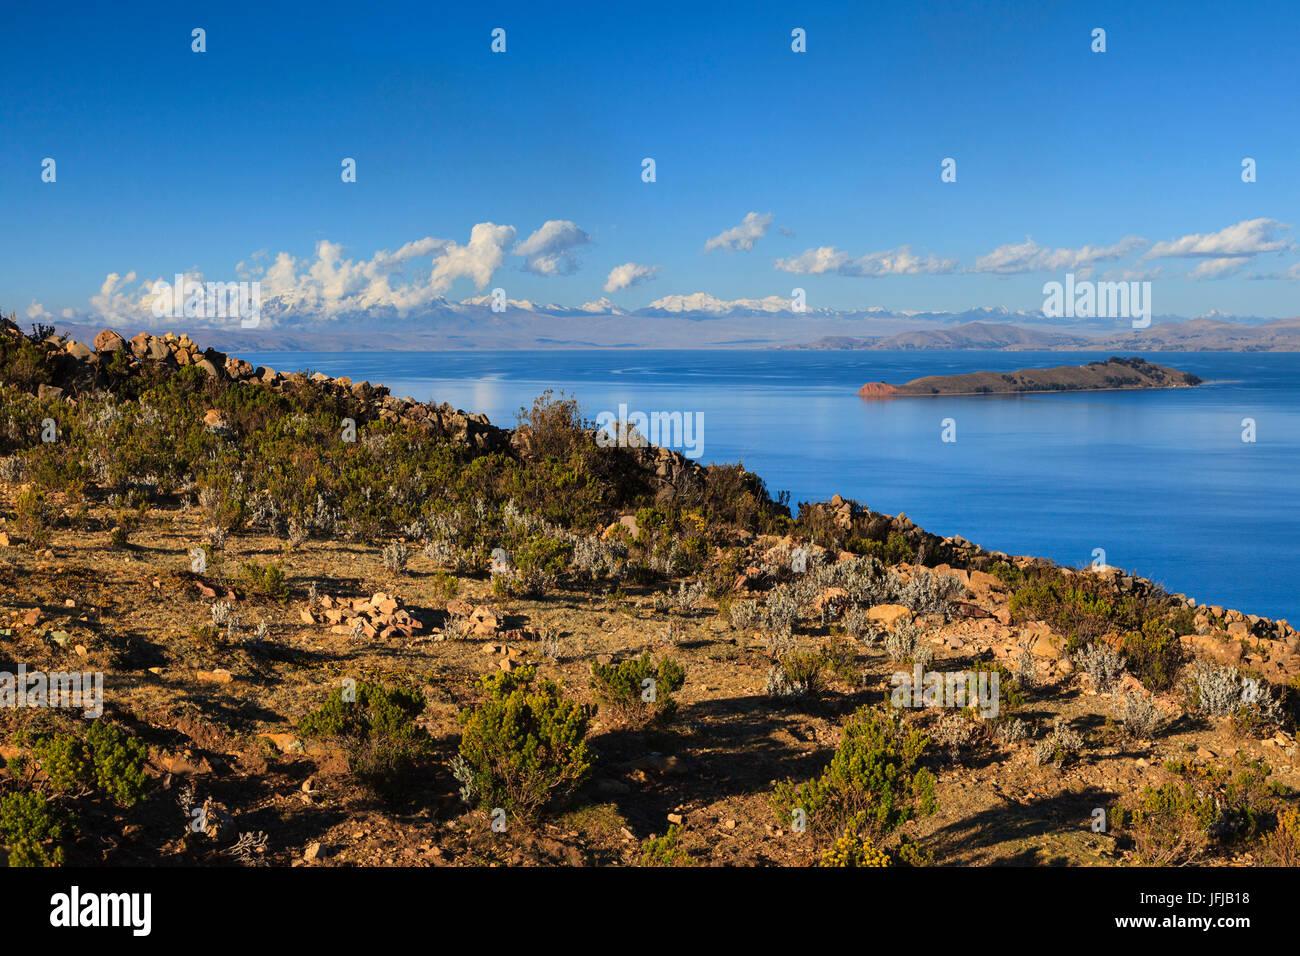 Isla del Sol on the Bolivian Side of Lake Titicaca, La Paz province, Bolivia - Stock Image